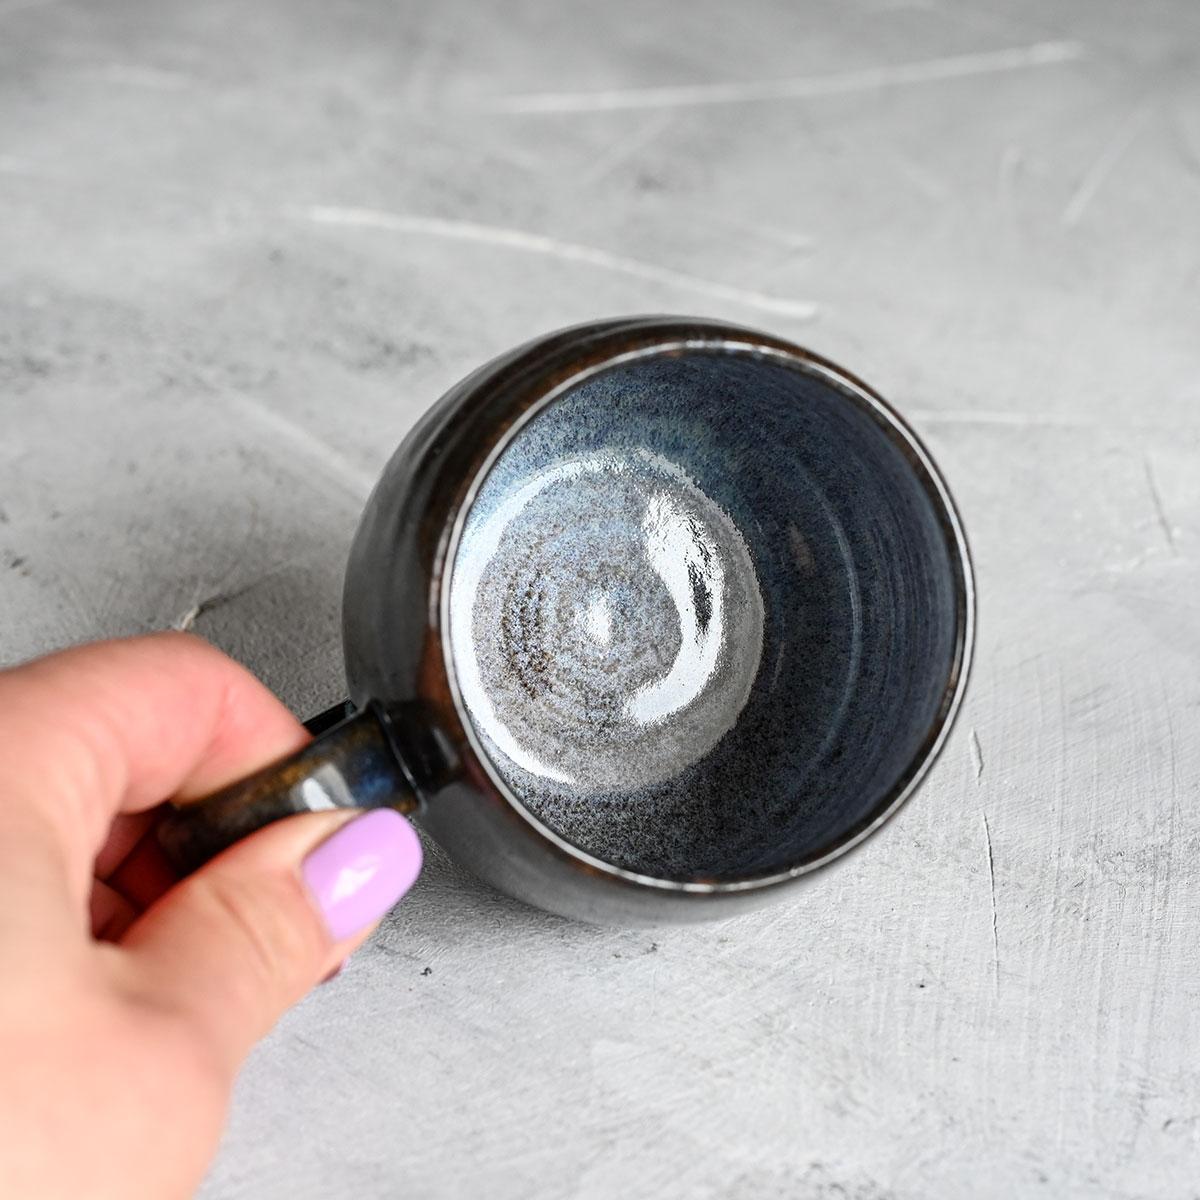 картинка Керамическая кружка Александры Золотаревой 4 - DishWishes.Ru